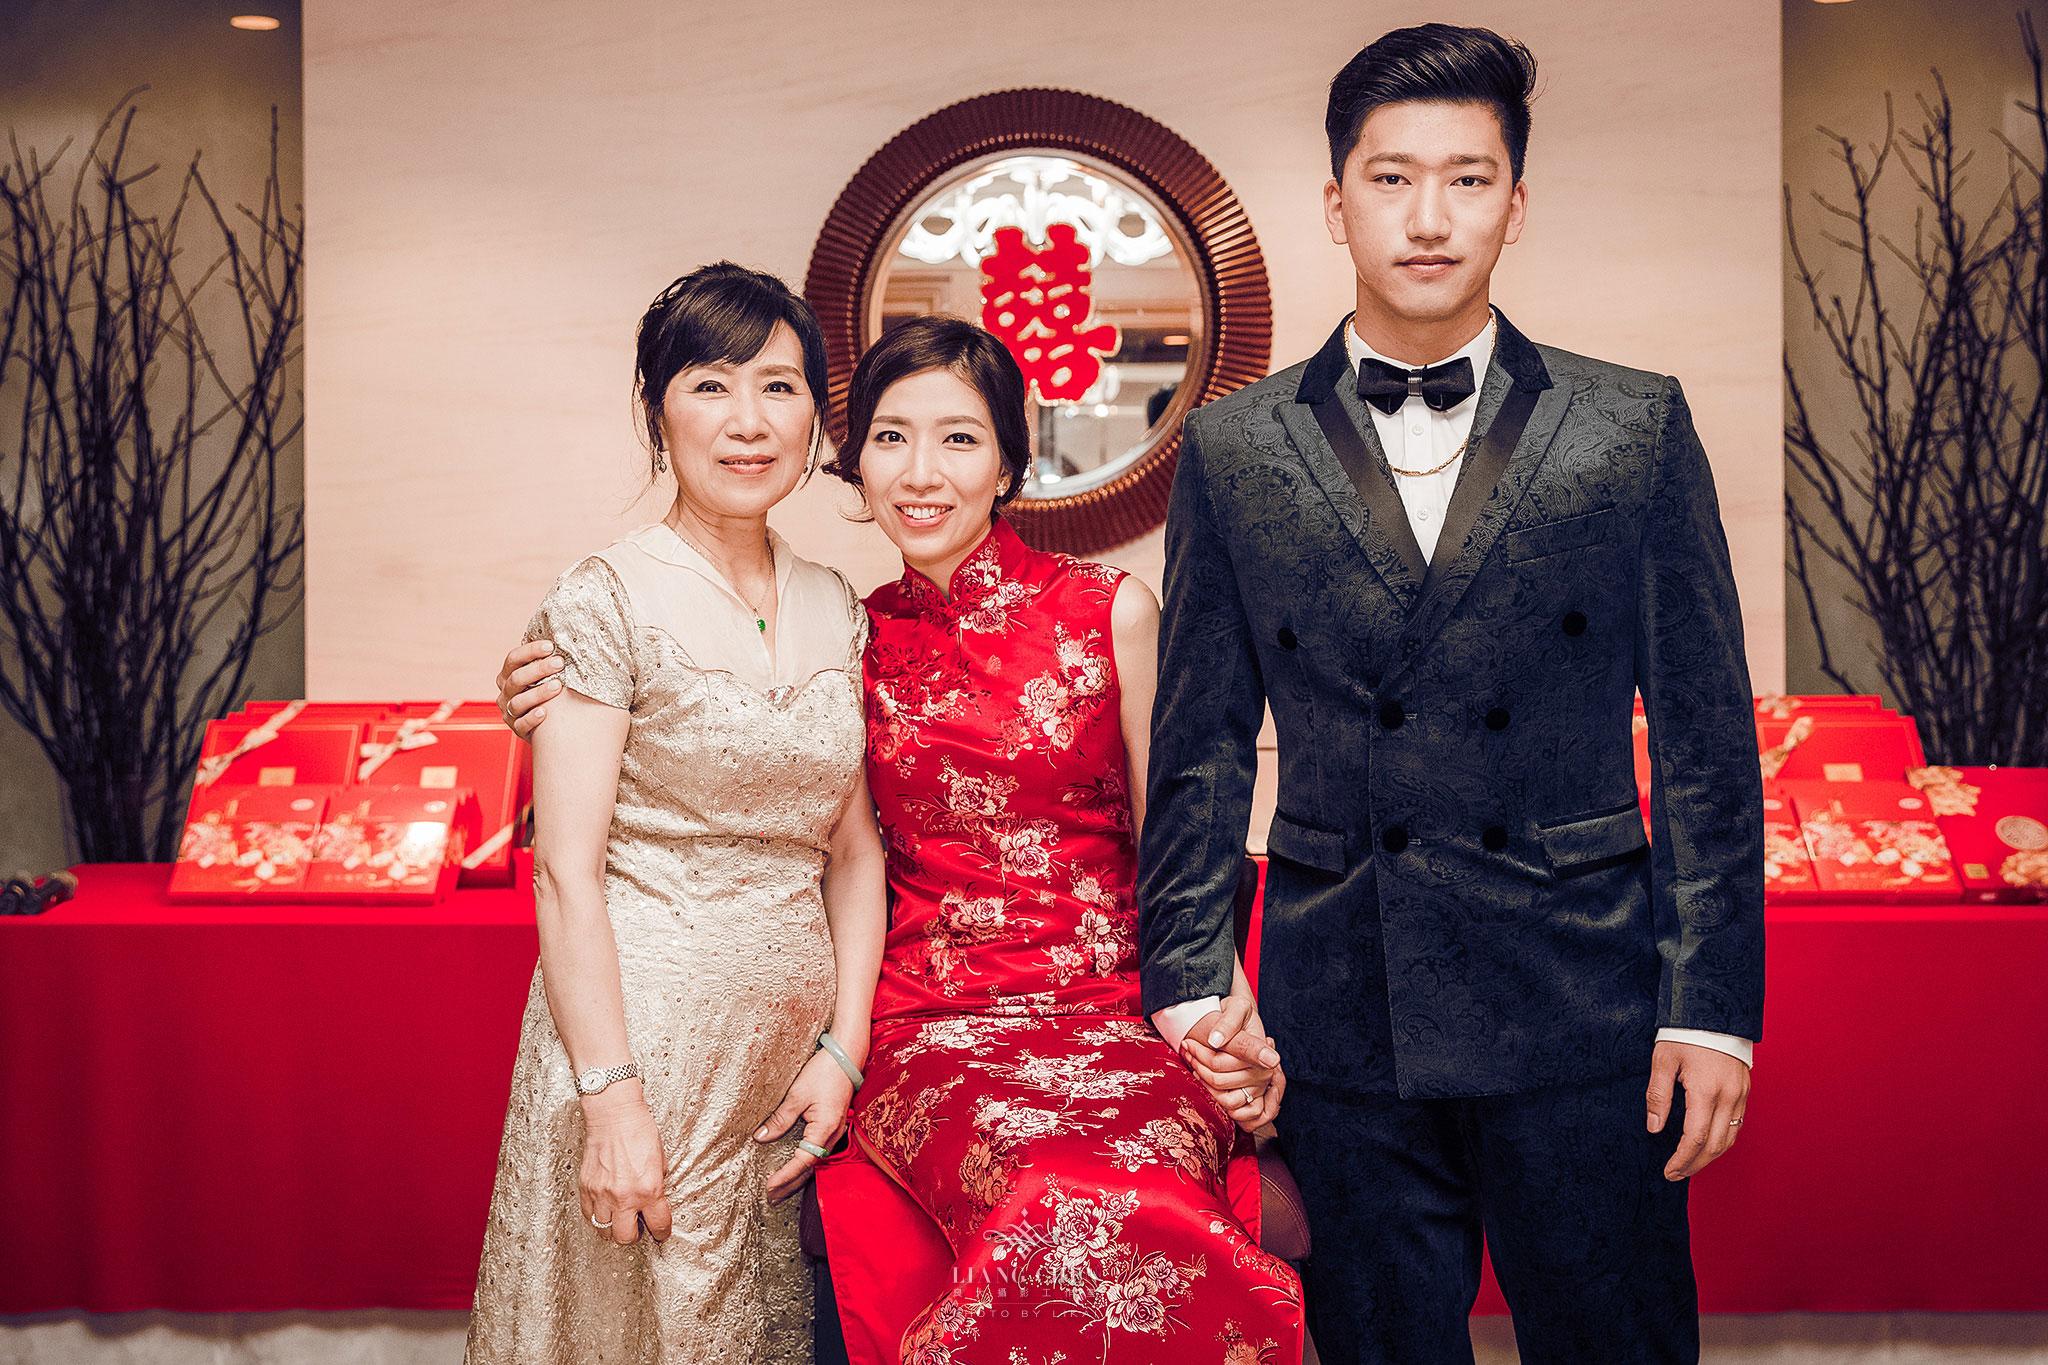 婚禮紀錄 - 儷嘉 & 俊烈 - 西華飯店